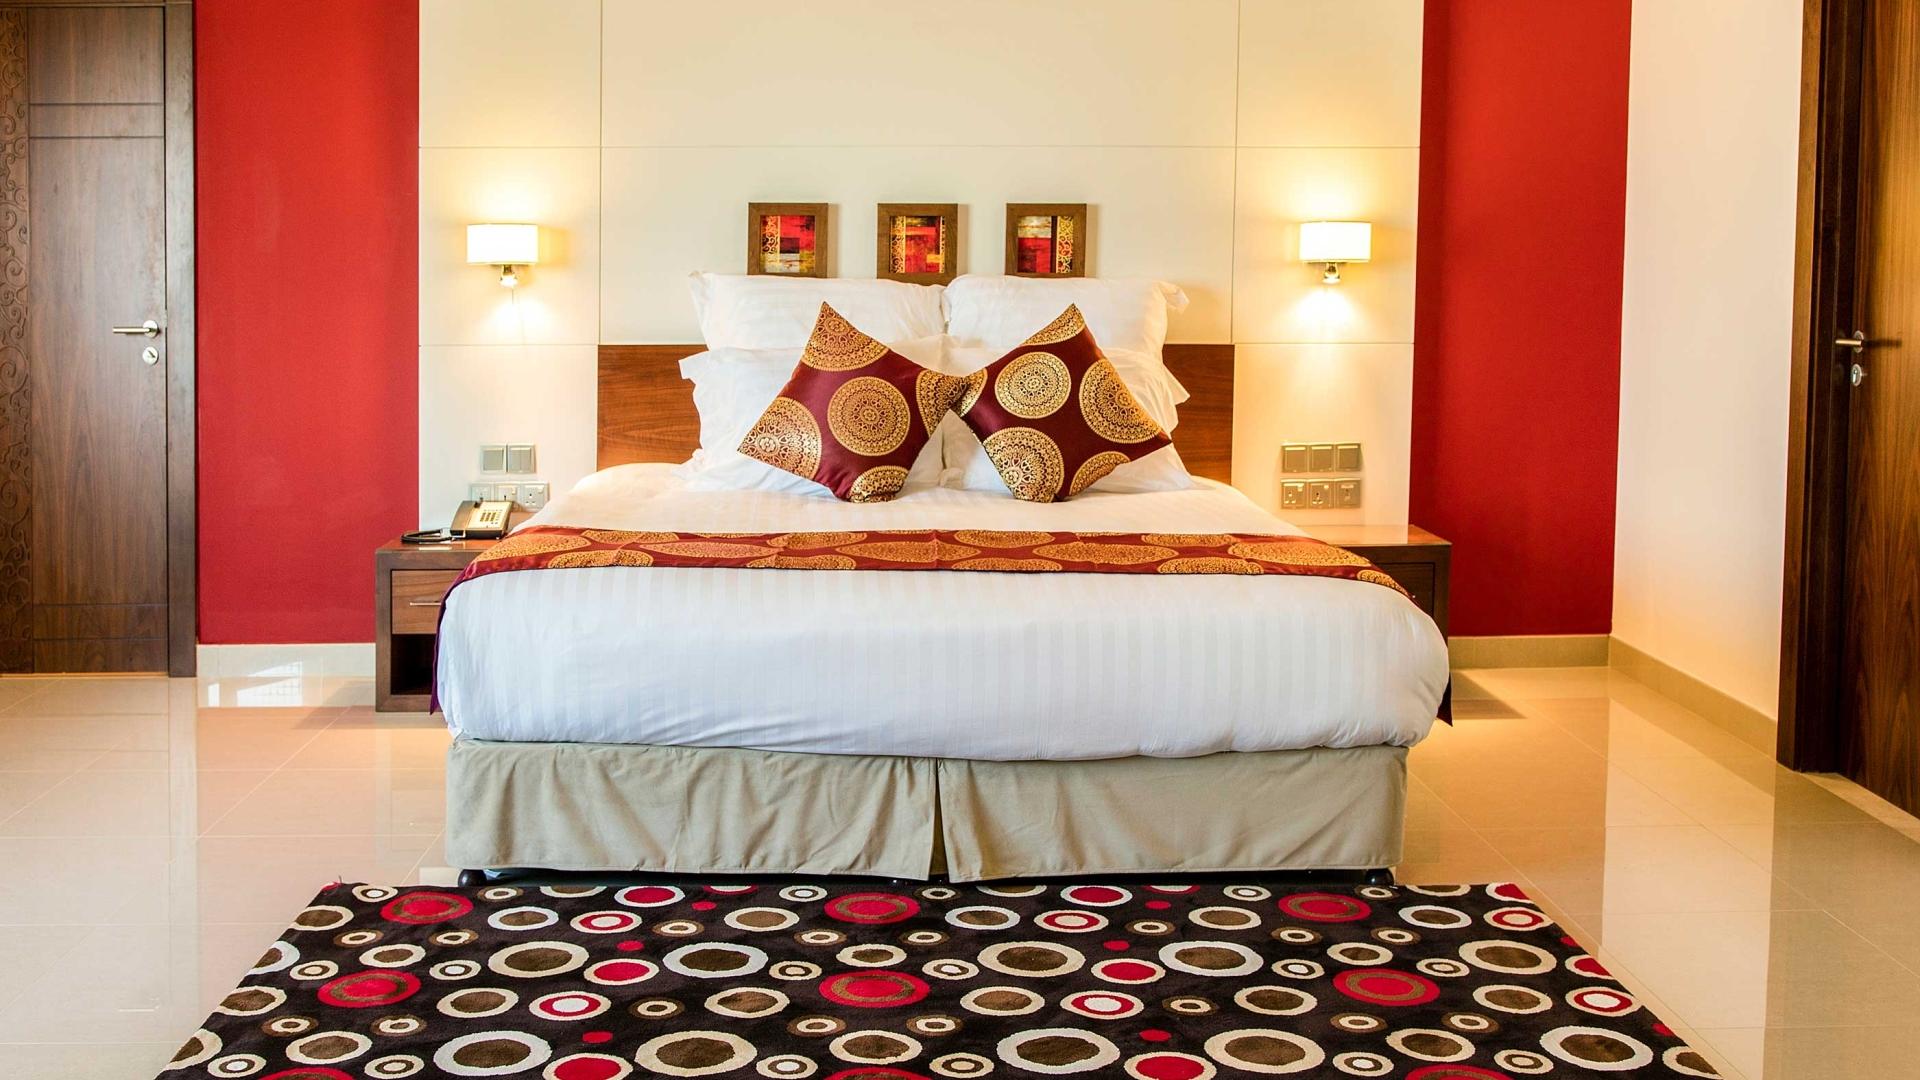 فندق وشقق كورال مسقط غرف النوم